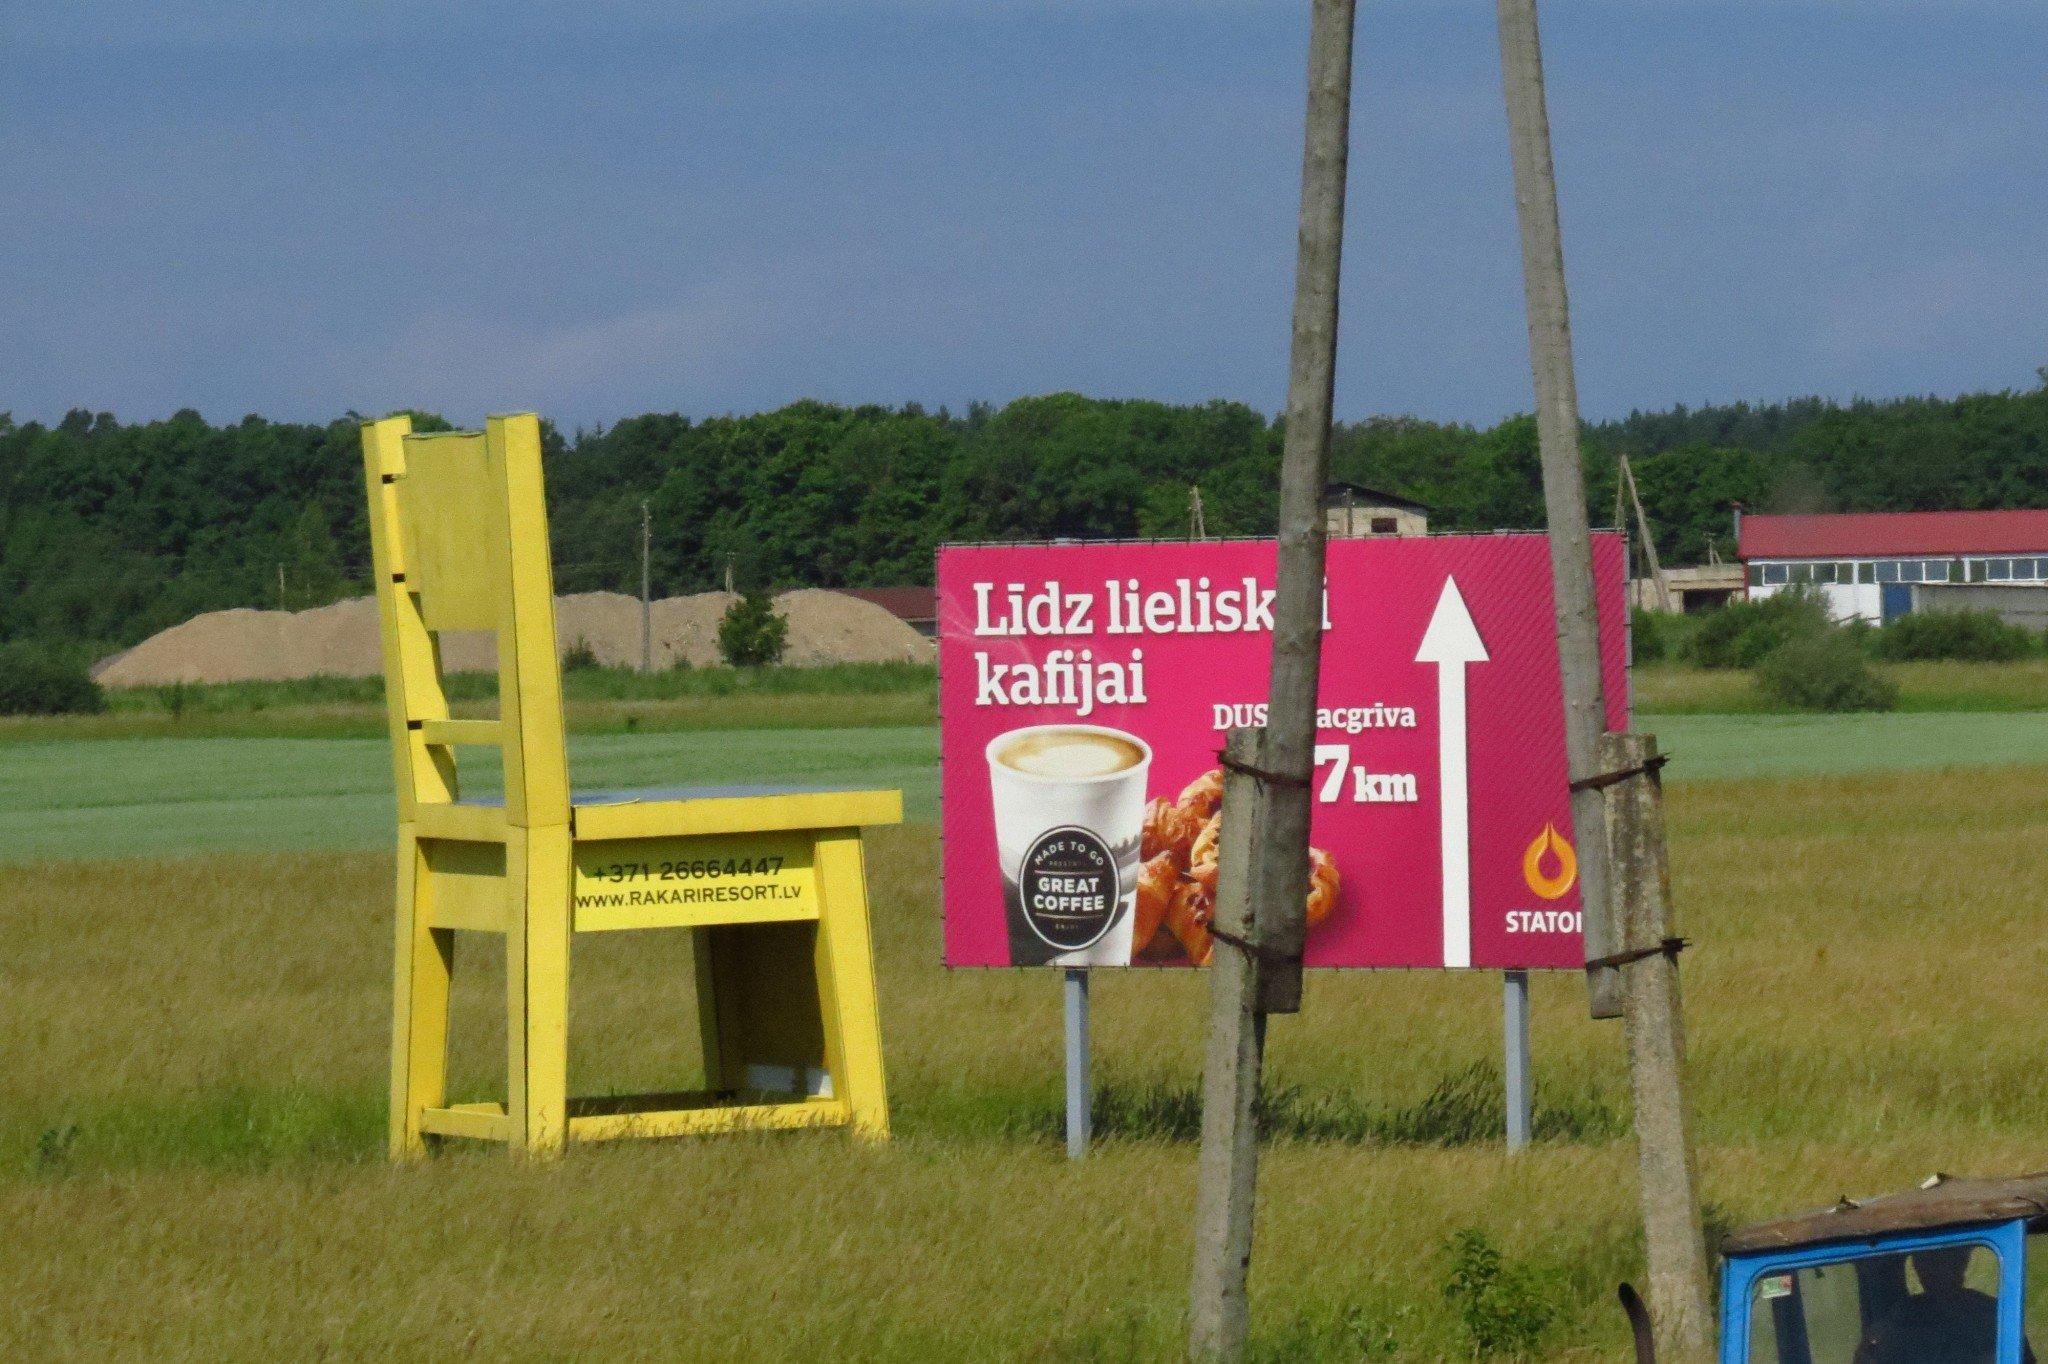 Tuoli keskellä peltoa. Latvialla on ollut varaa rakentaa vähintään penkki jokaiselle bussipysäkille, Suomella ei ole varaa.